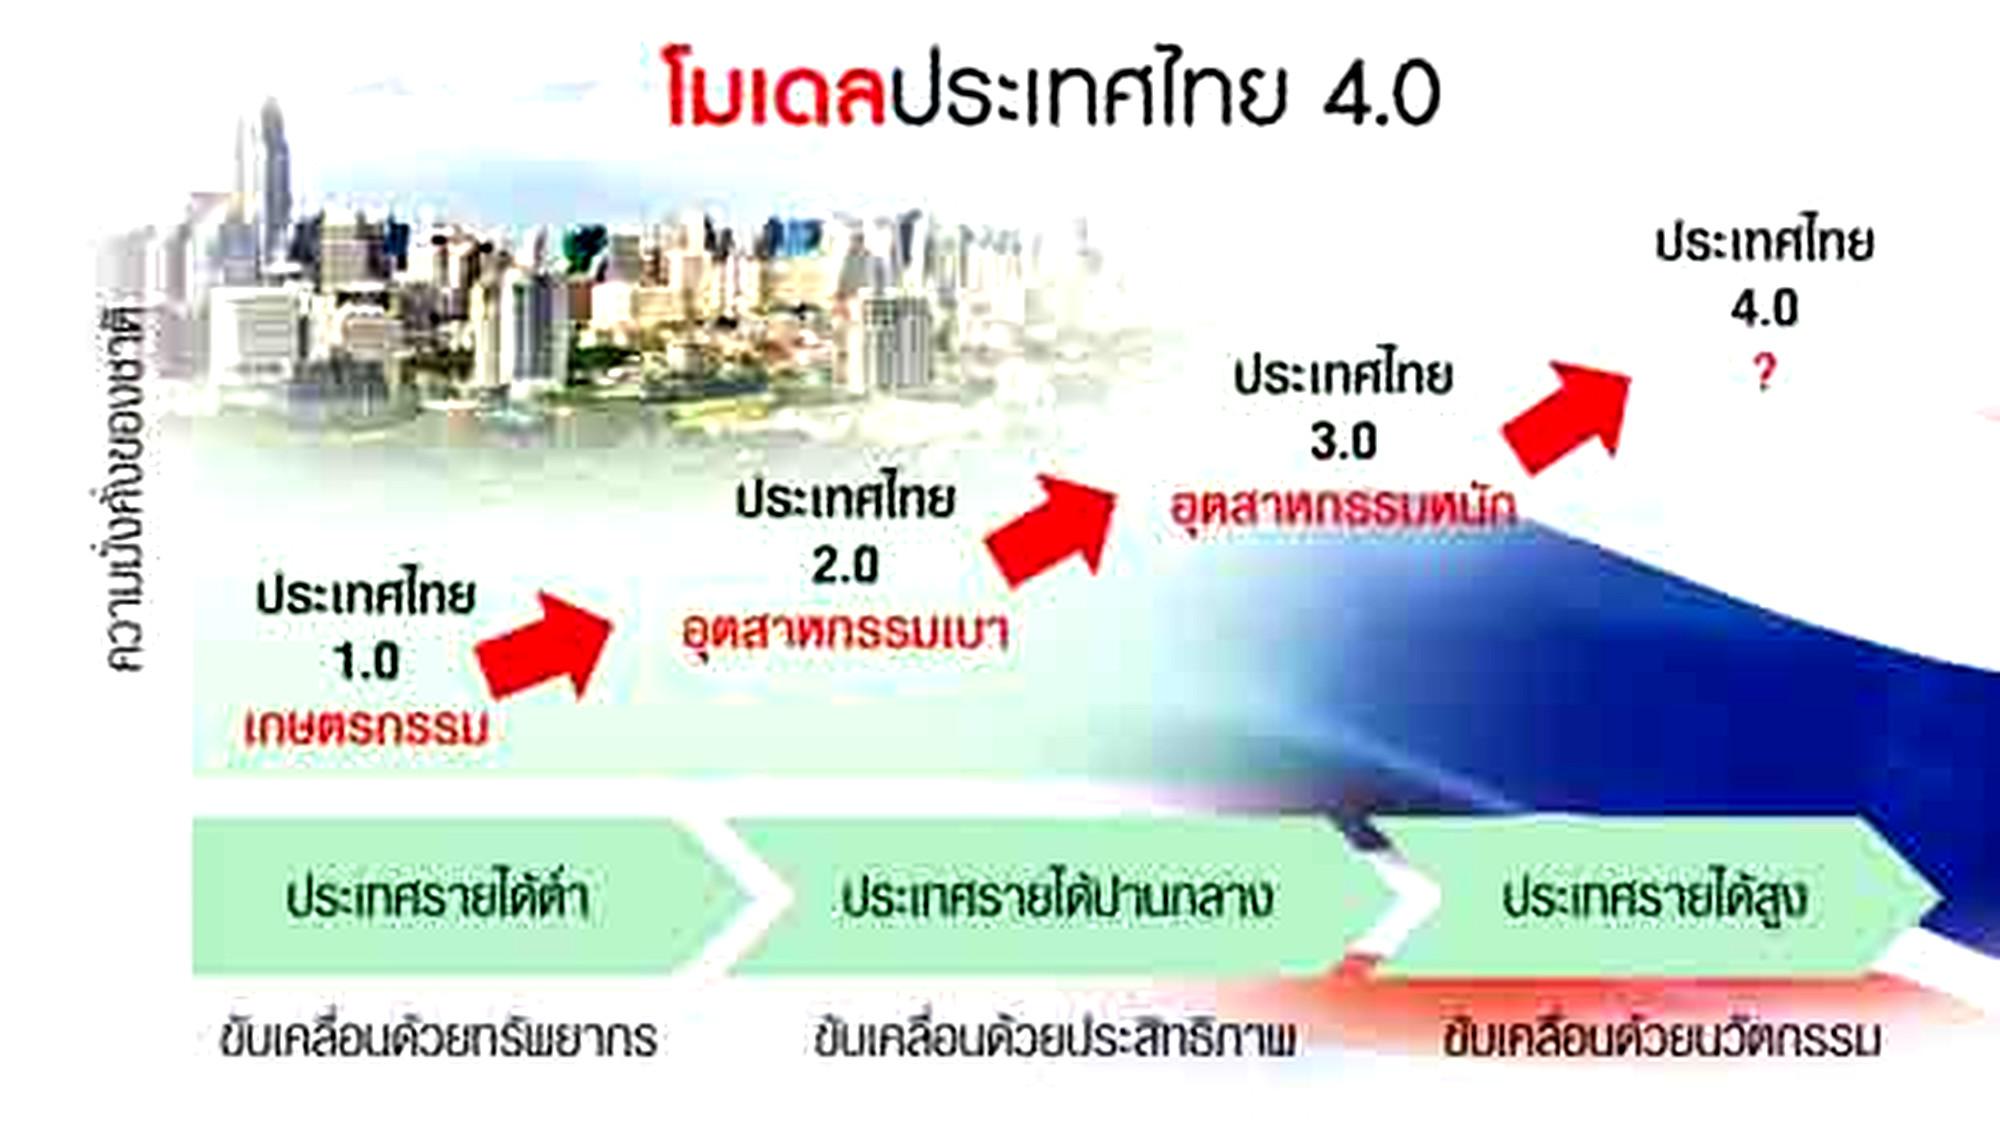 ประเทศไทย 4.0